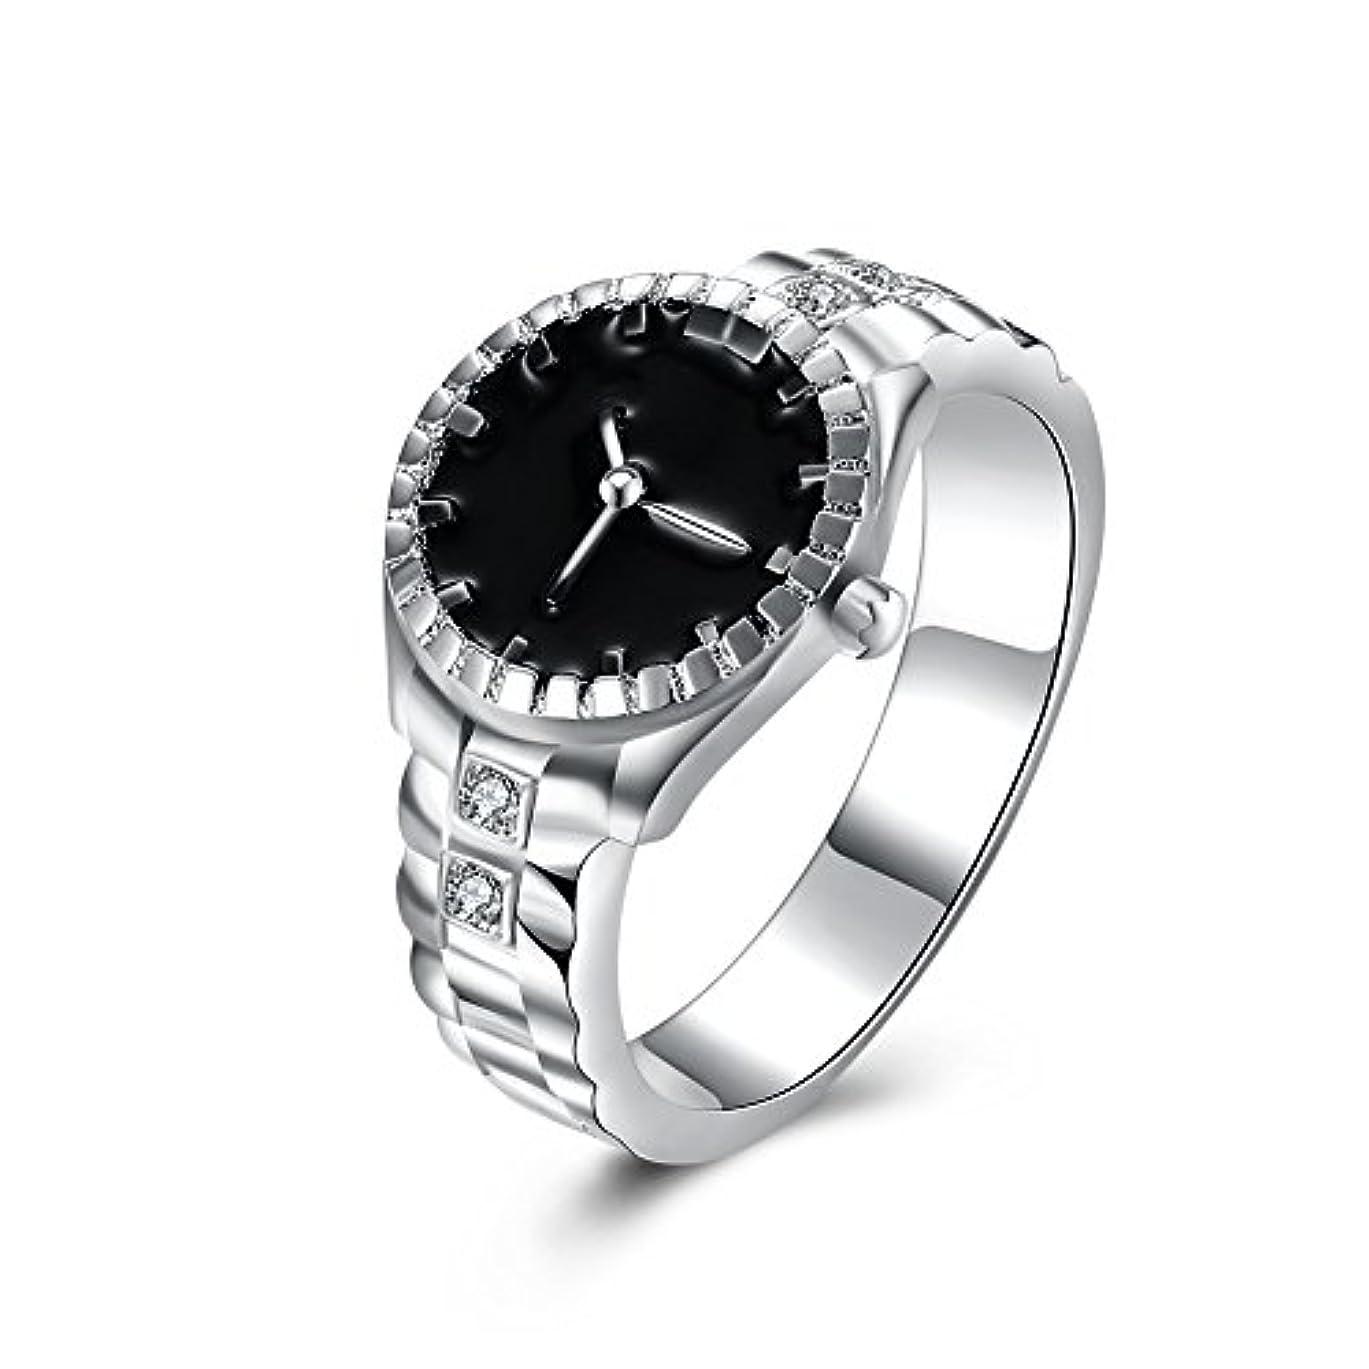 水銀の起業家購入925スターリングシルバーメッキ時計型ダイヤモンドリングファッションジュエリー周年記念ギフト (マルチカラー)